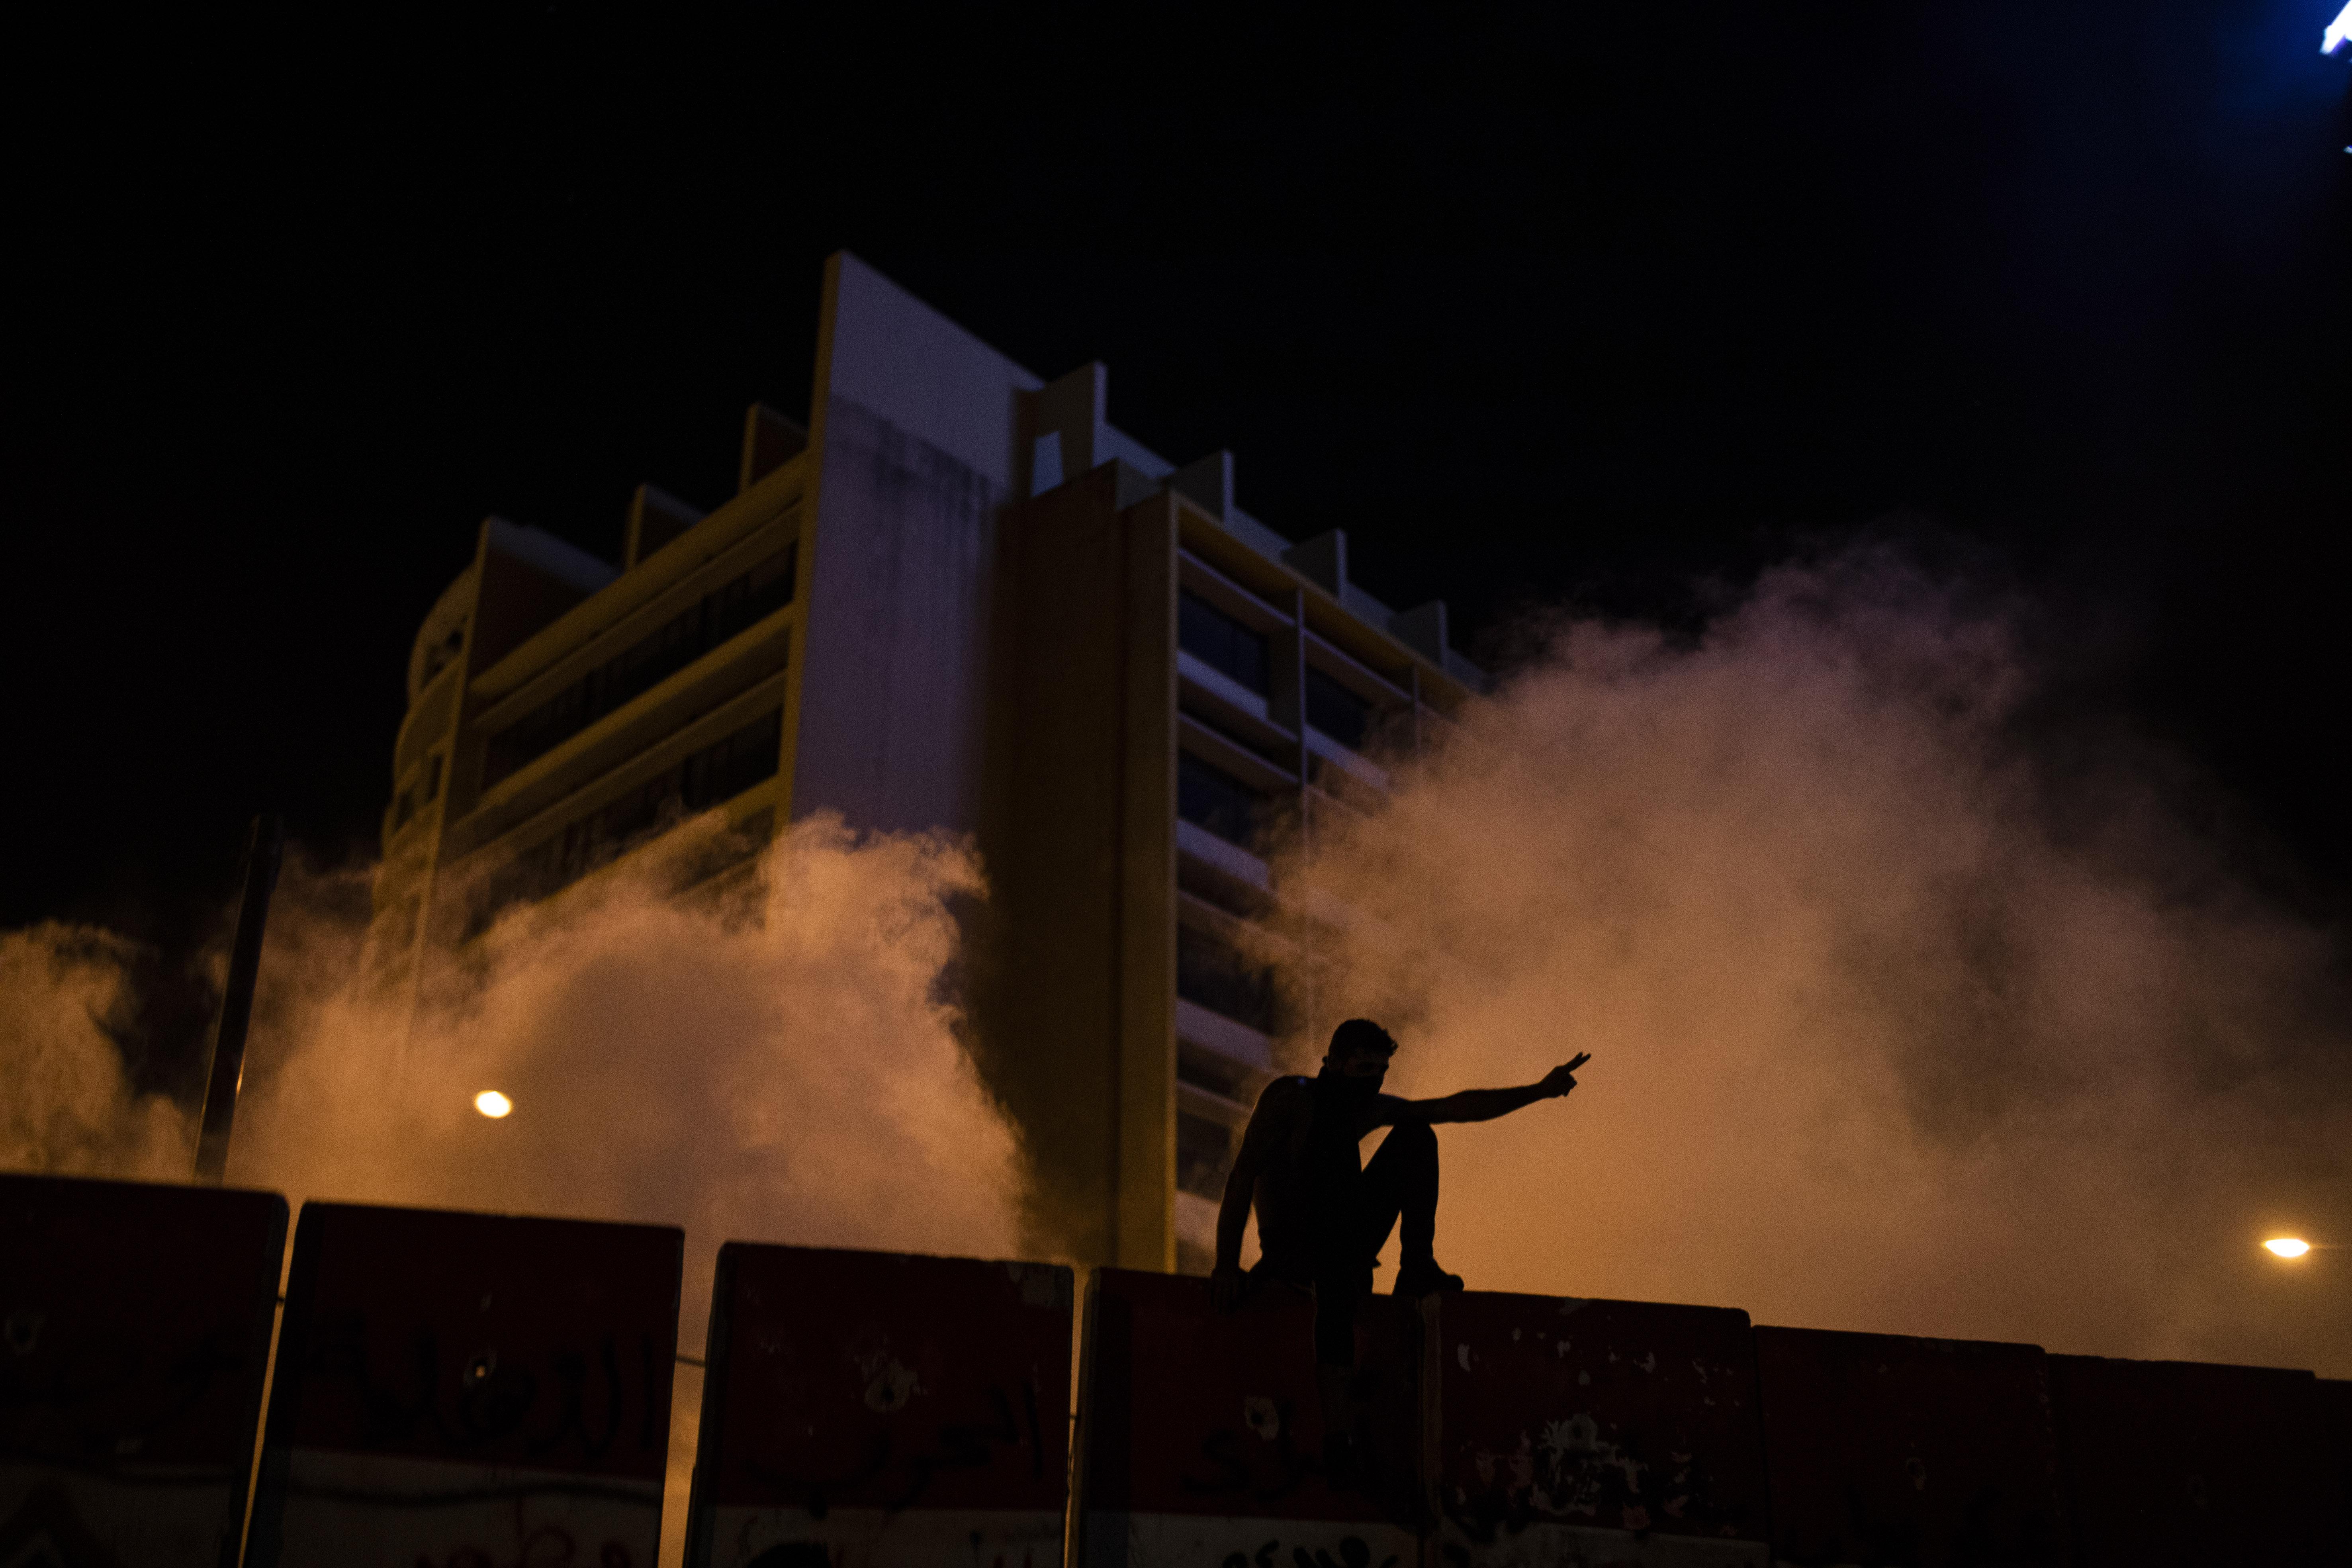 Proteste antiguvernamentale la Beirut. Manifestantii au vandalizat magazinele, iar fortele de ordine au ripostat cu gaze lacrimogene